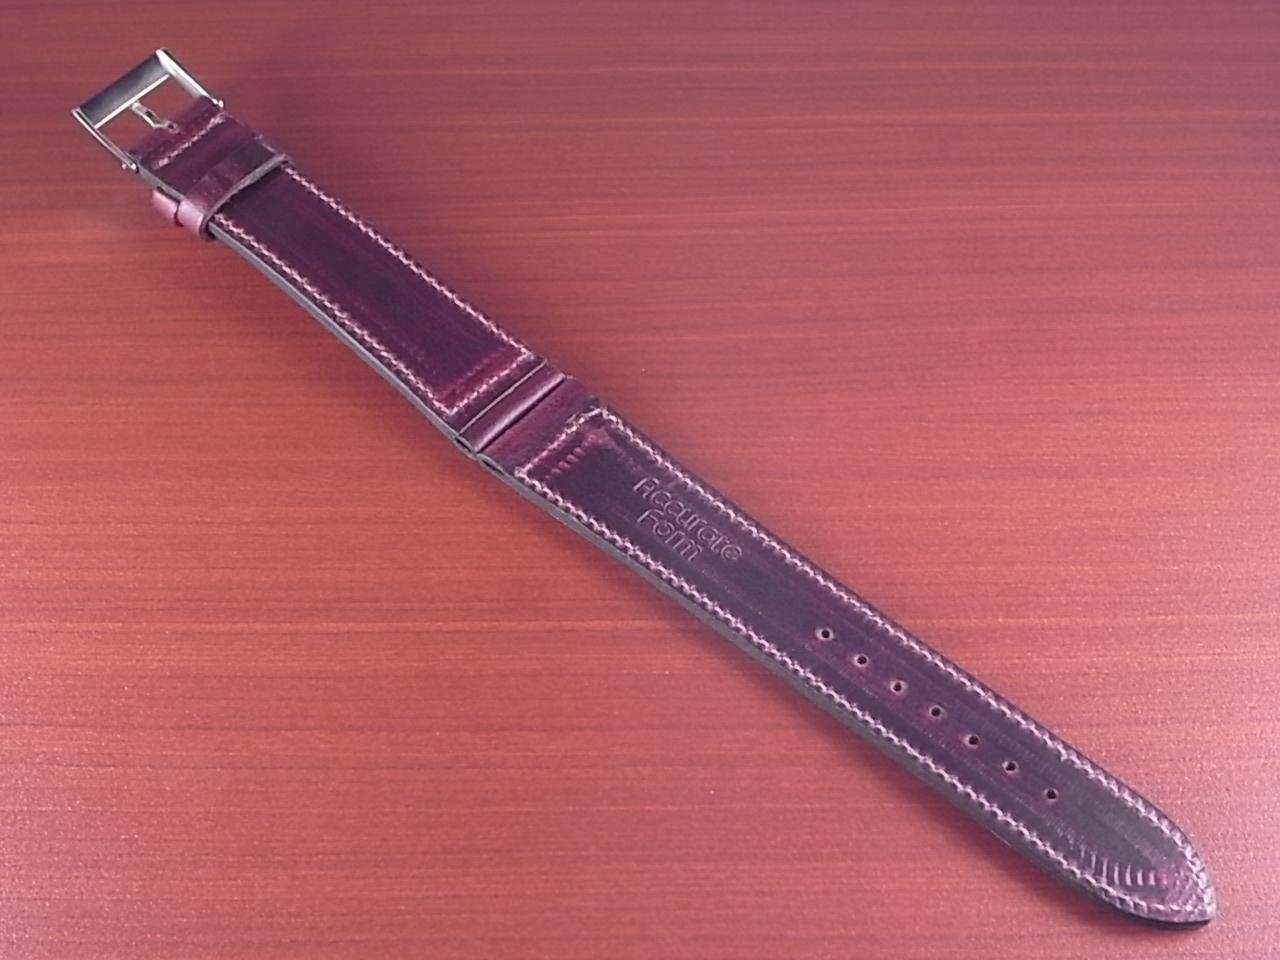 ホーウィン クロムエクセル レギュラー バーガンディ 16、17、18、19、20mmの写真2枚目